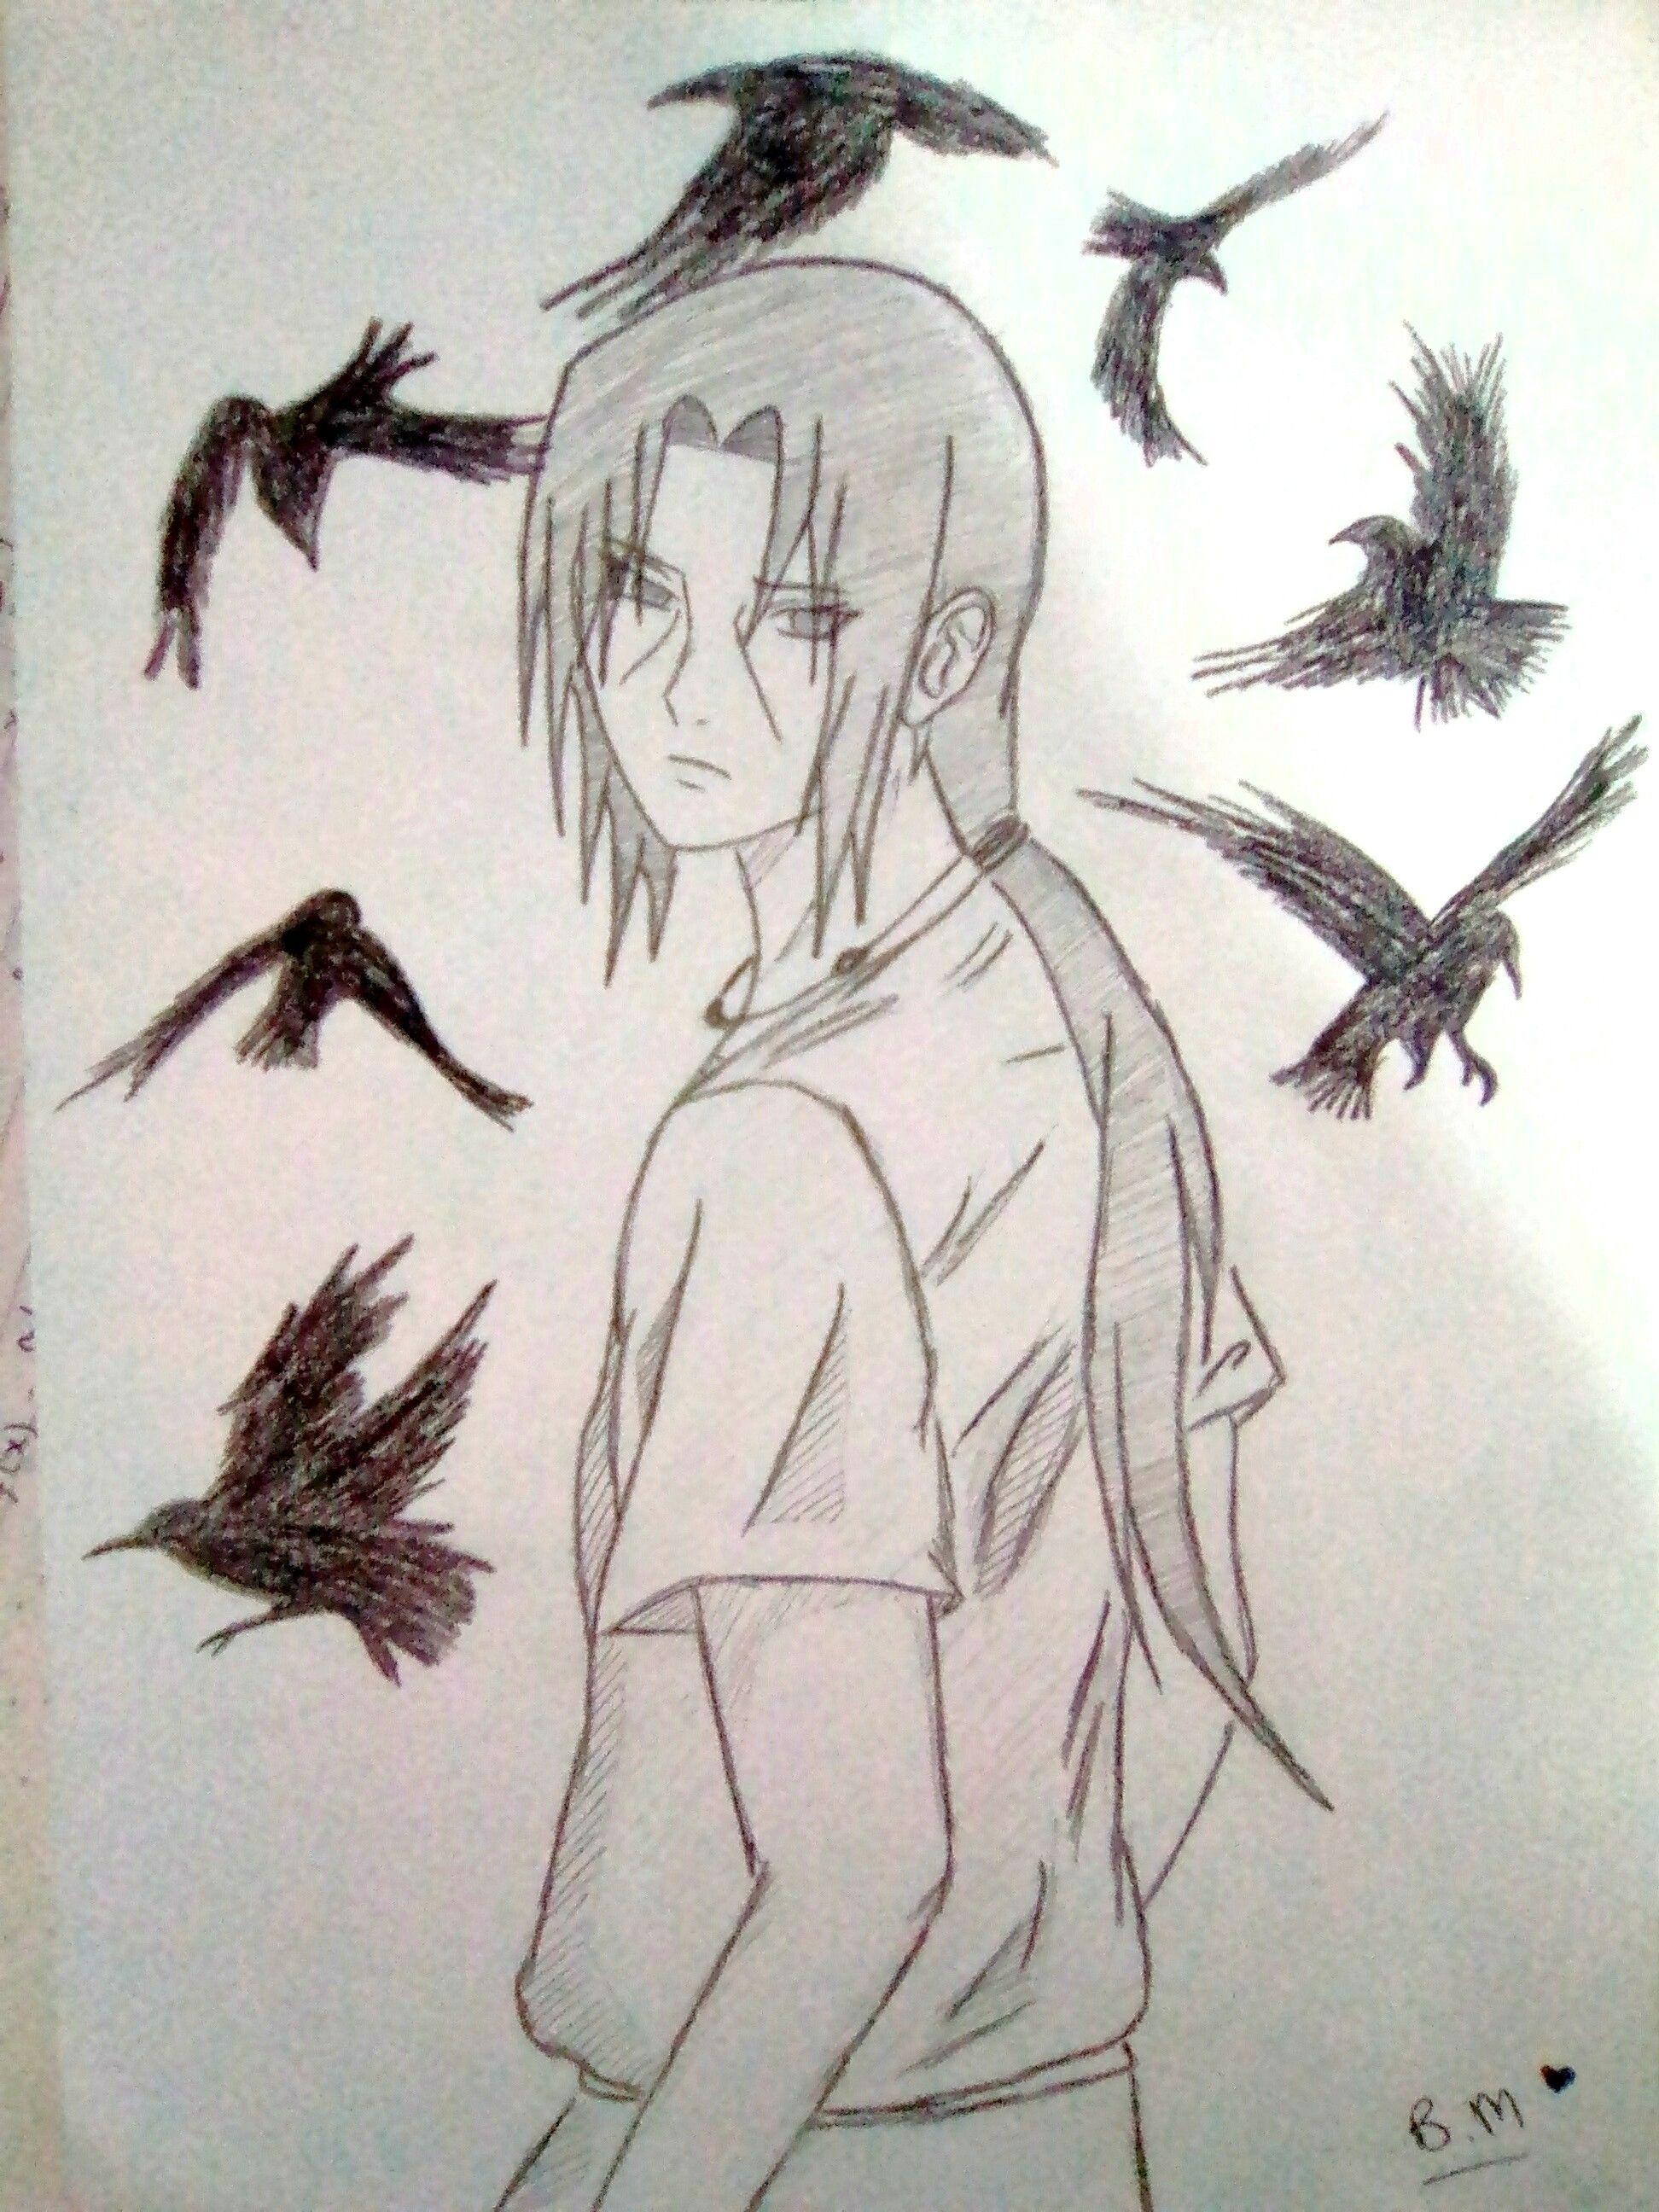 My Draw B M Itachi Uchiha Uchiha Anime Naruto